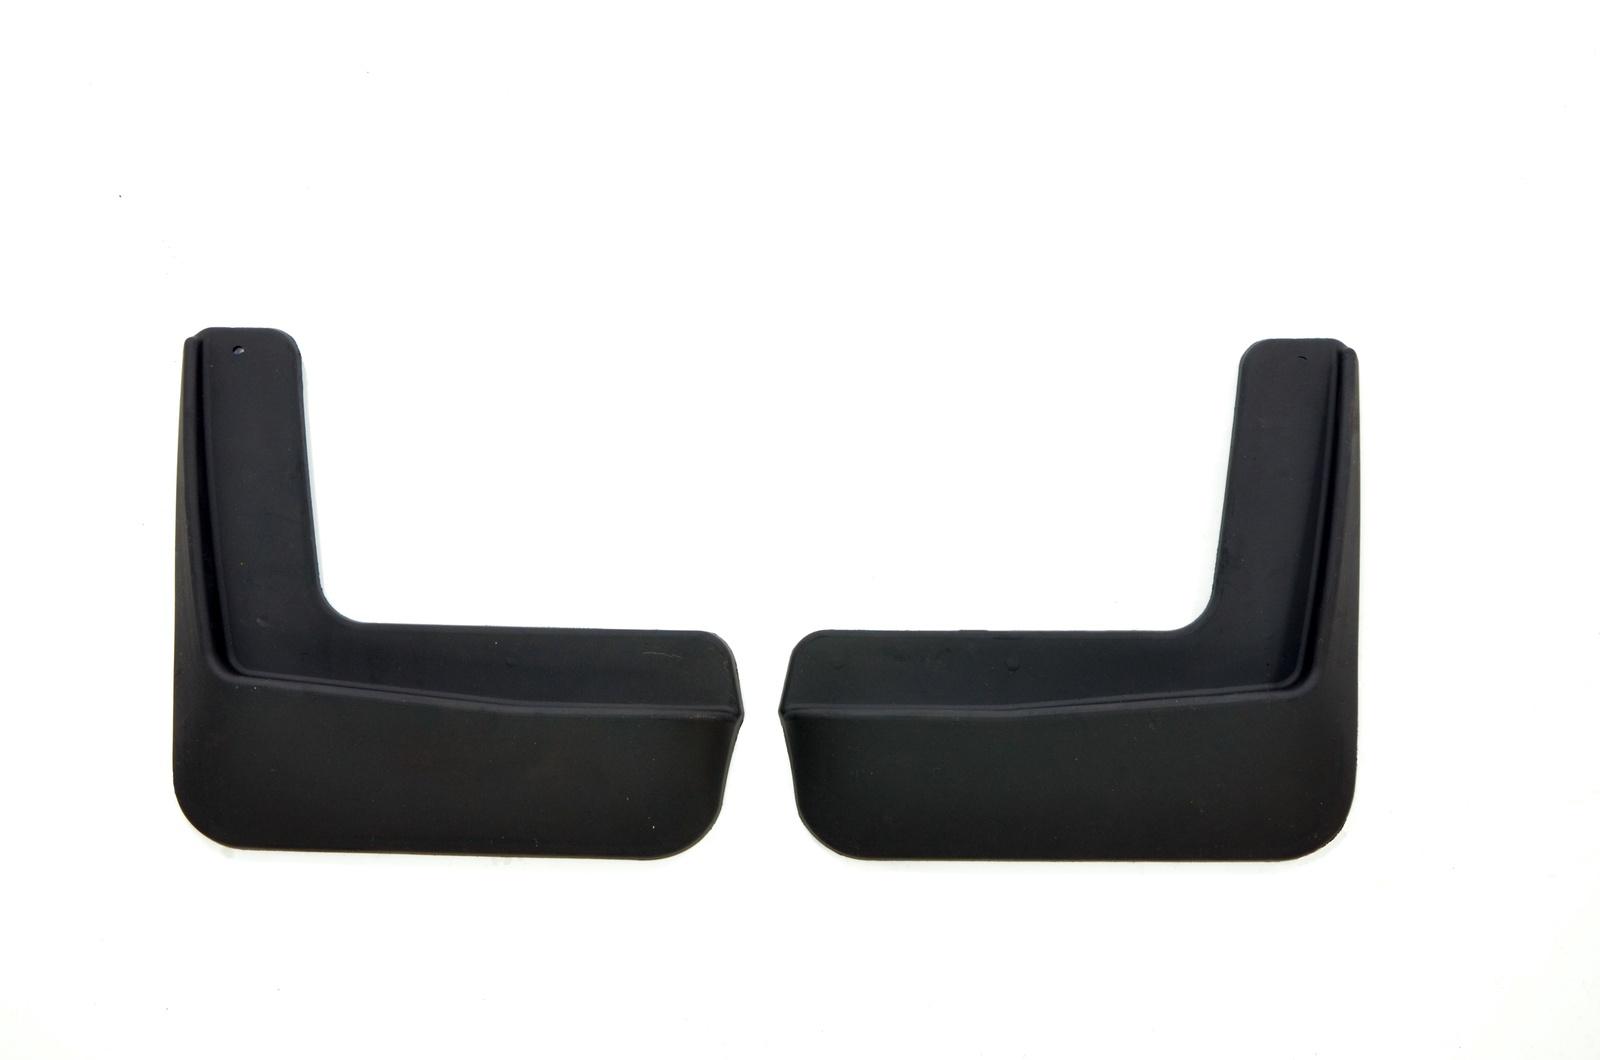 Брызговики резиновые для Hyundai Creta (2016-) Передние подкрылки с шумоизоляцией hyundai creta 2016 кроссовер передние и задние